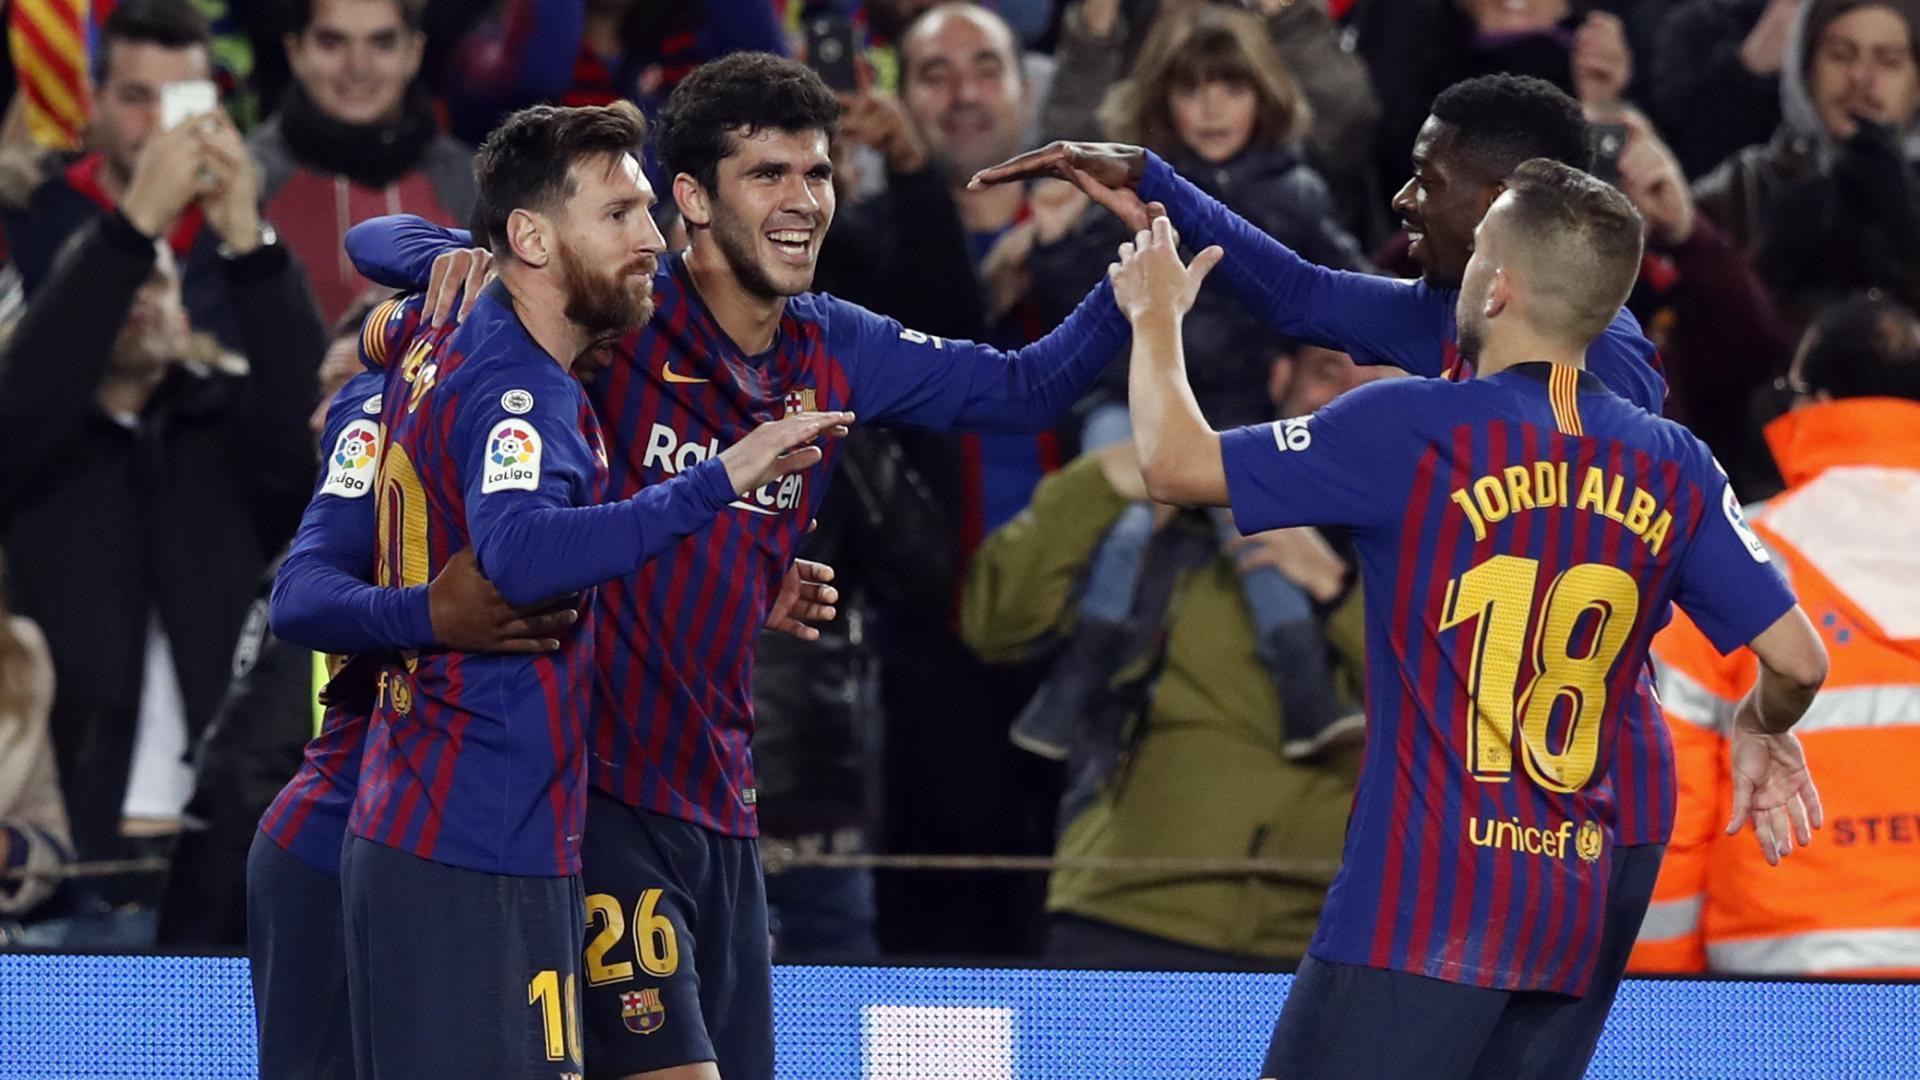 Villarreal CF v FC Barcelona - La Liga - Zimbio  |Barcelona- Villarreal